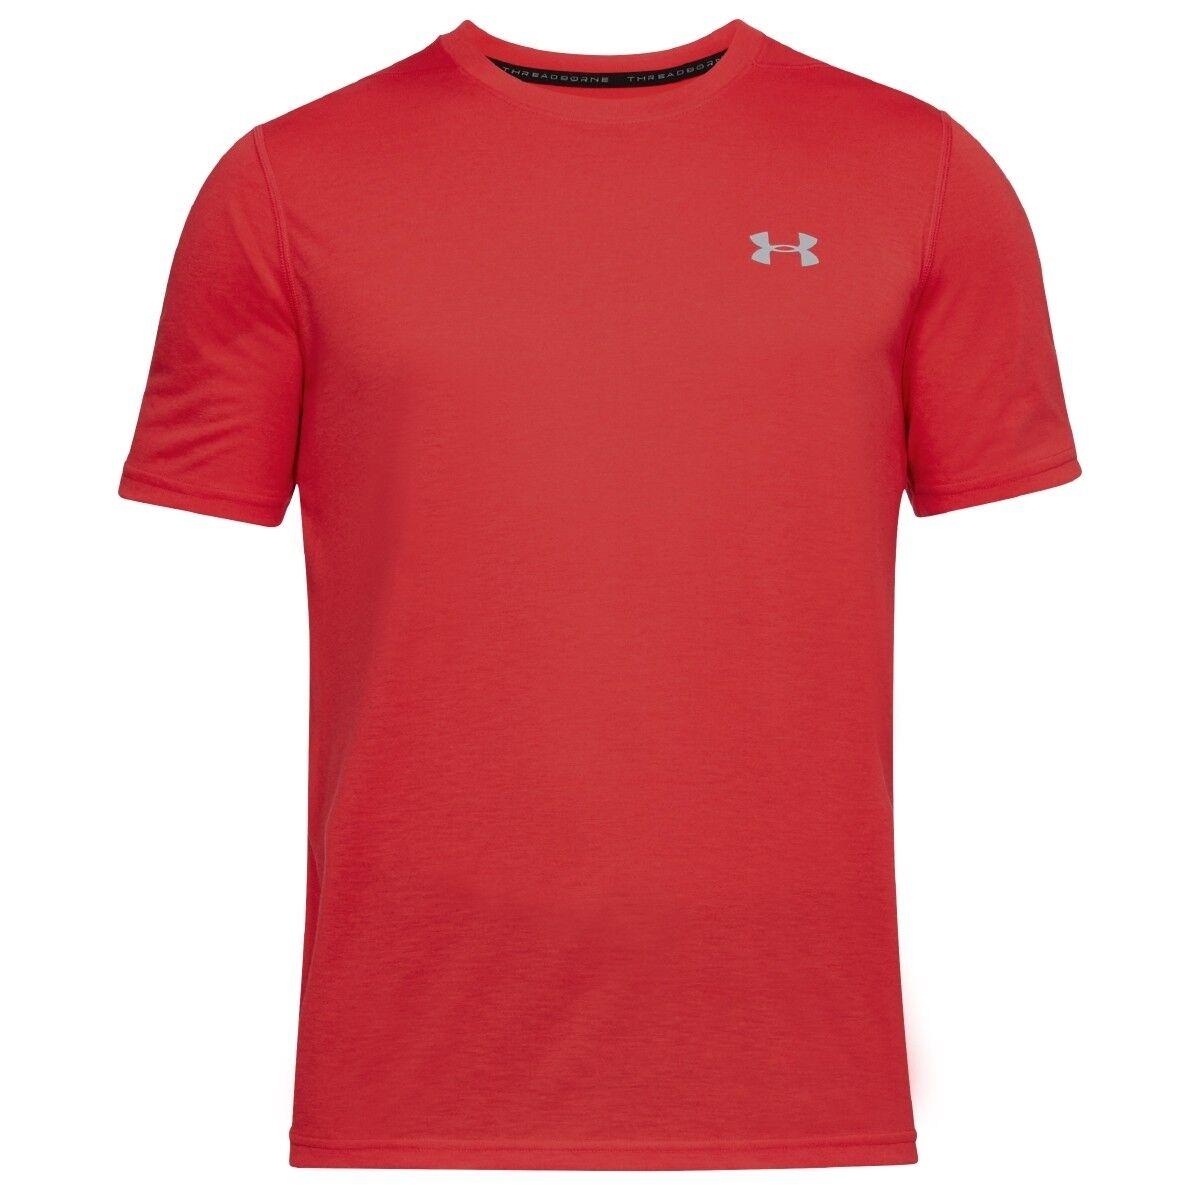 Under Under Under Armour threadborne SU MISURA maniche corte t-shirt maglietta Pierce 784d49